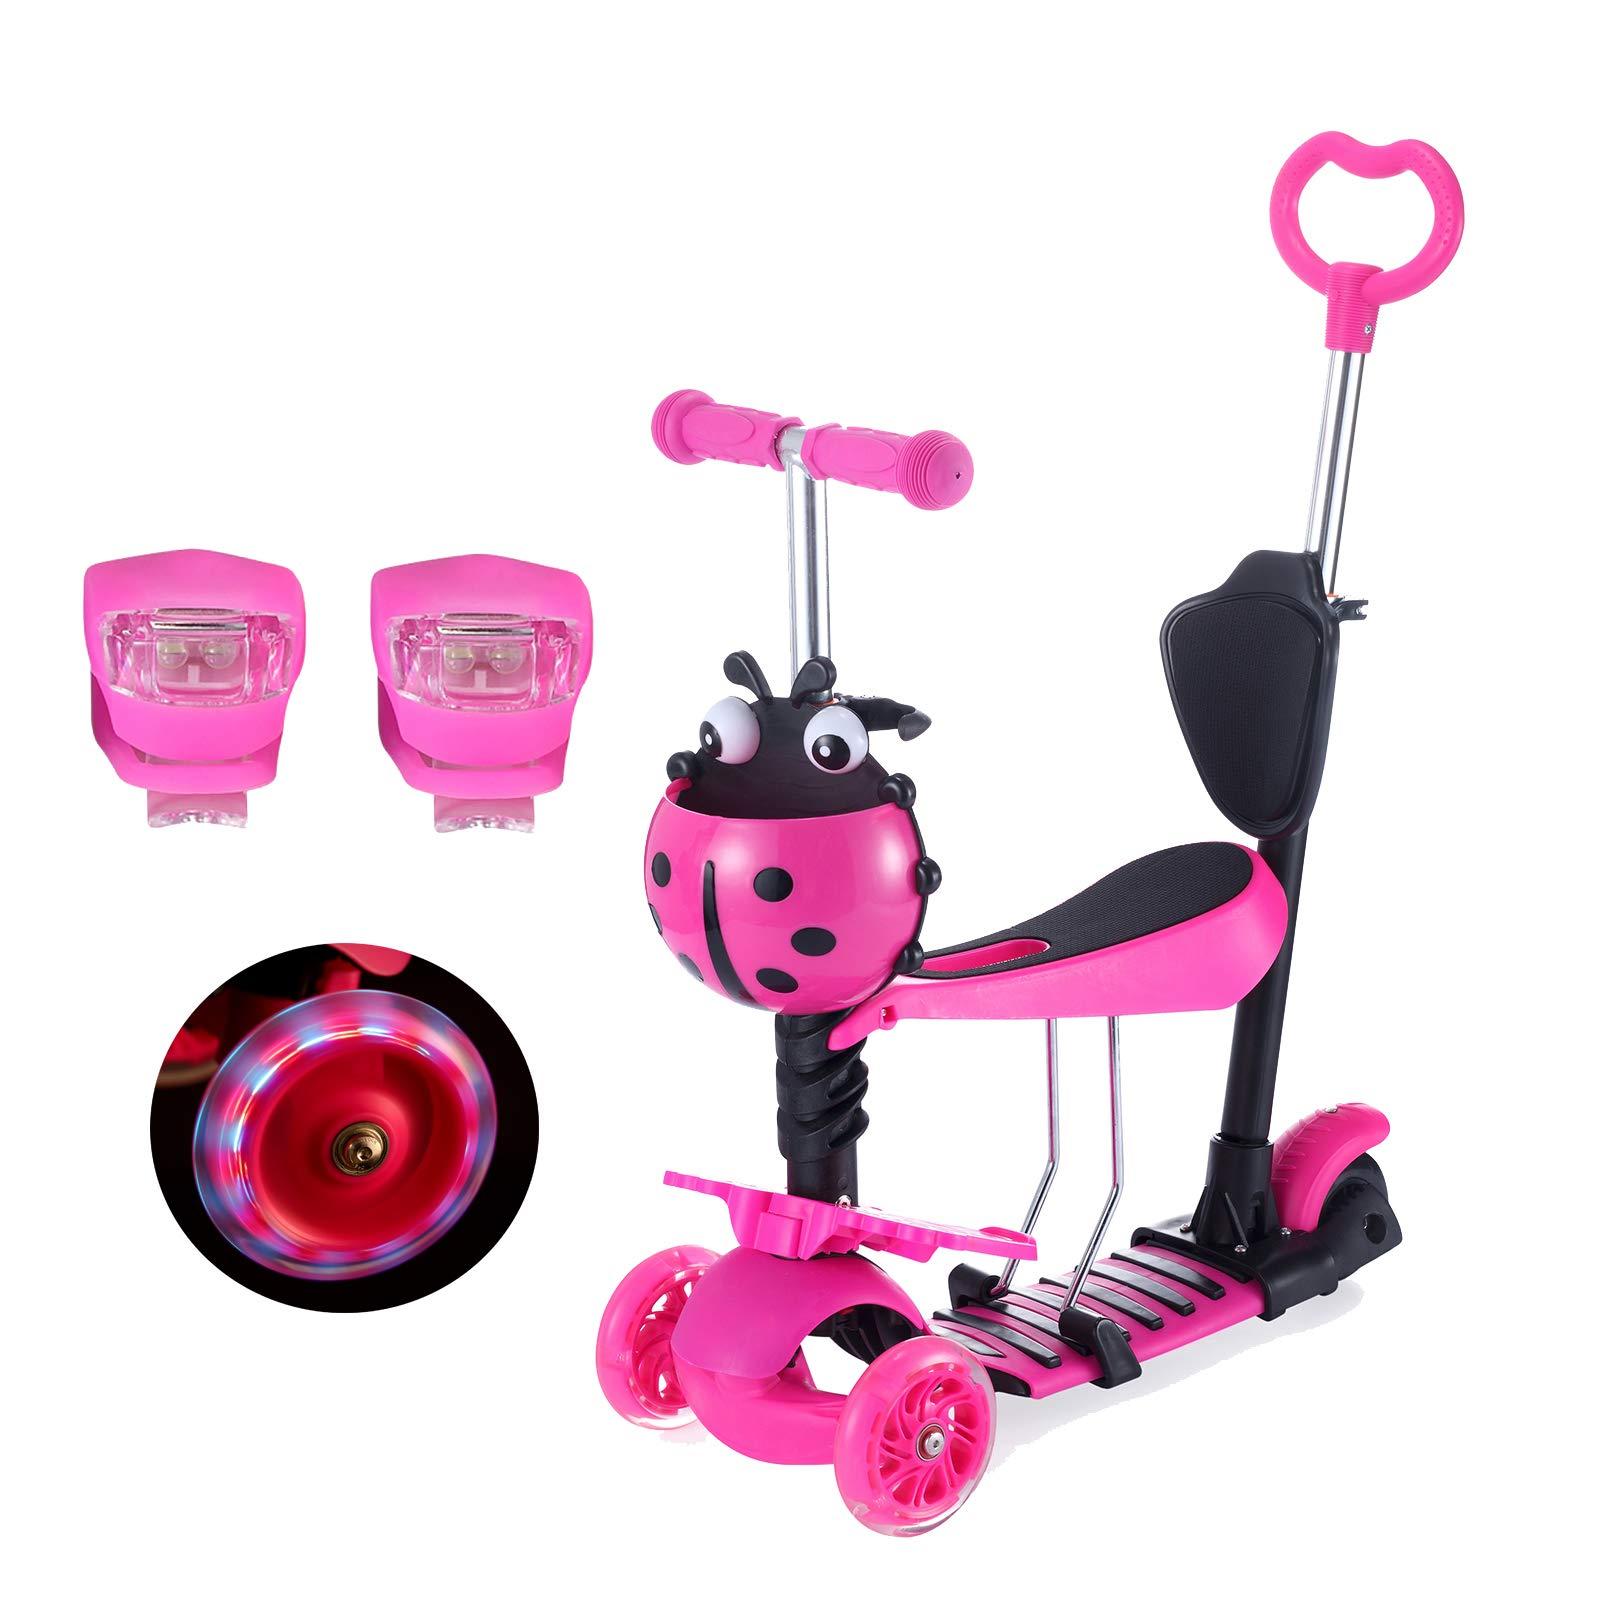 Yorbay - Patinete Scooter freestyle 3 en 1 Walker Trole Scooter, 3 Ruedas de LED, Altura ajustable con 1 cesta del escarabajo y 2 luces de rana para Niño ...